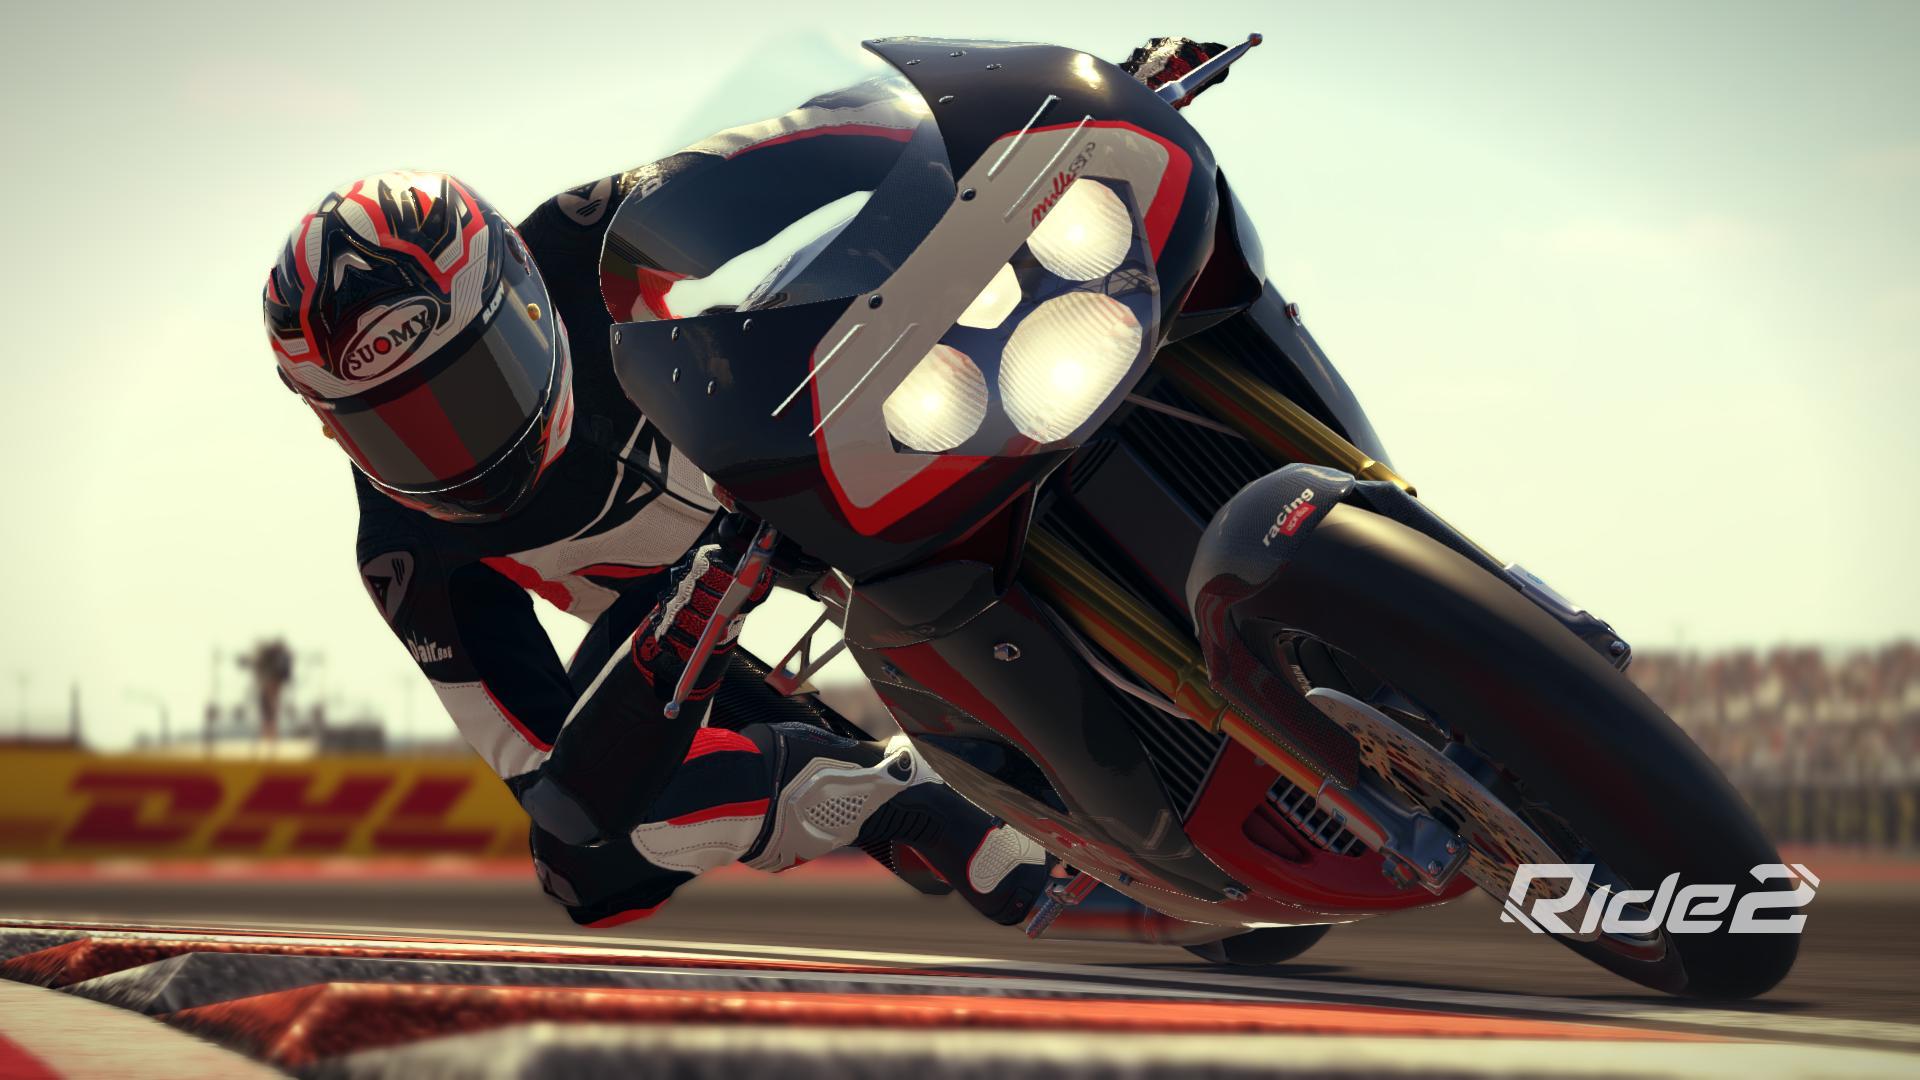 Ride2X64 2017-07-29 21-57-42-33.jpg